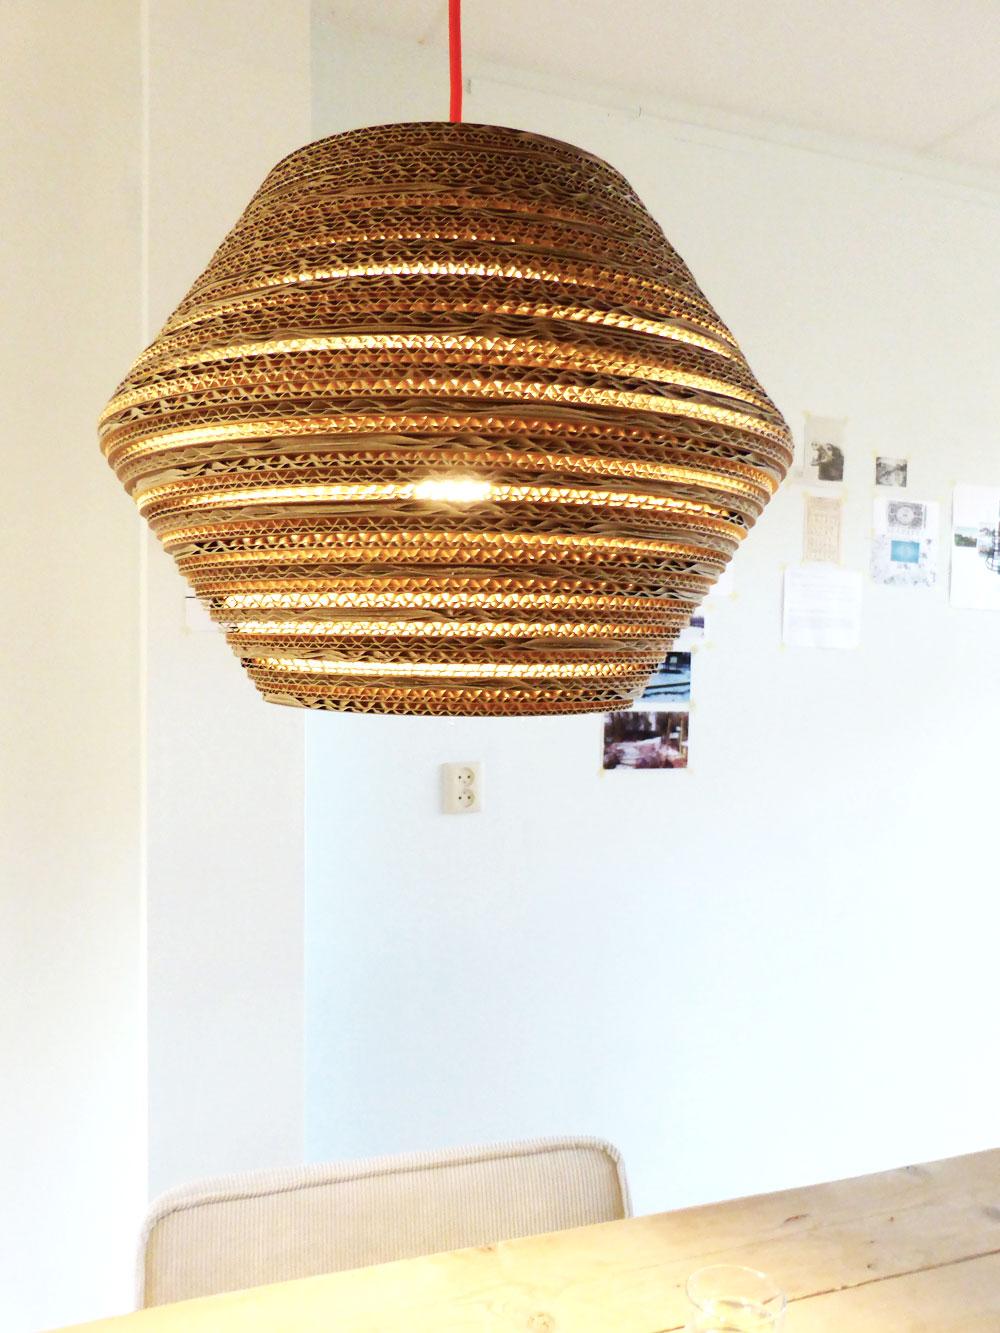 luuuxoo-kartonnen-hanglamp-ombo-onder